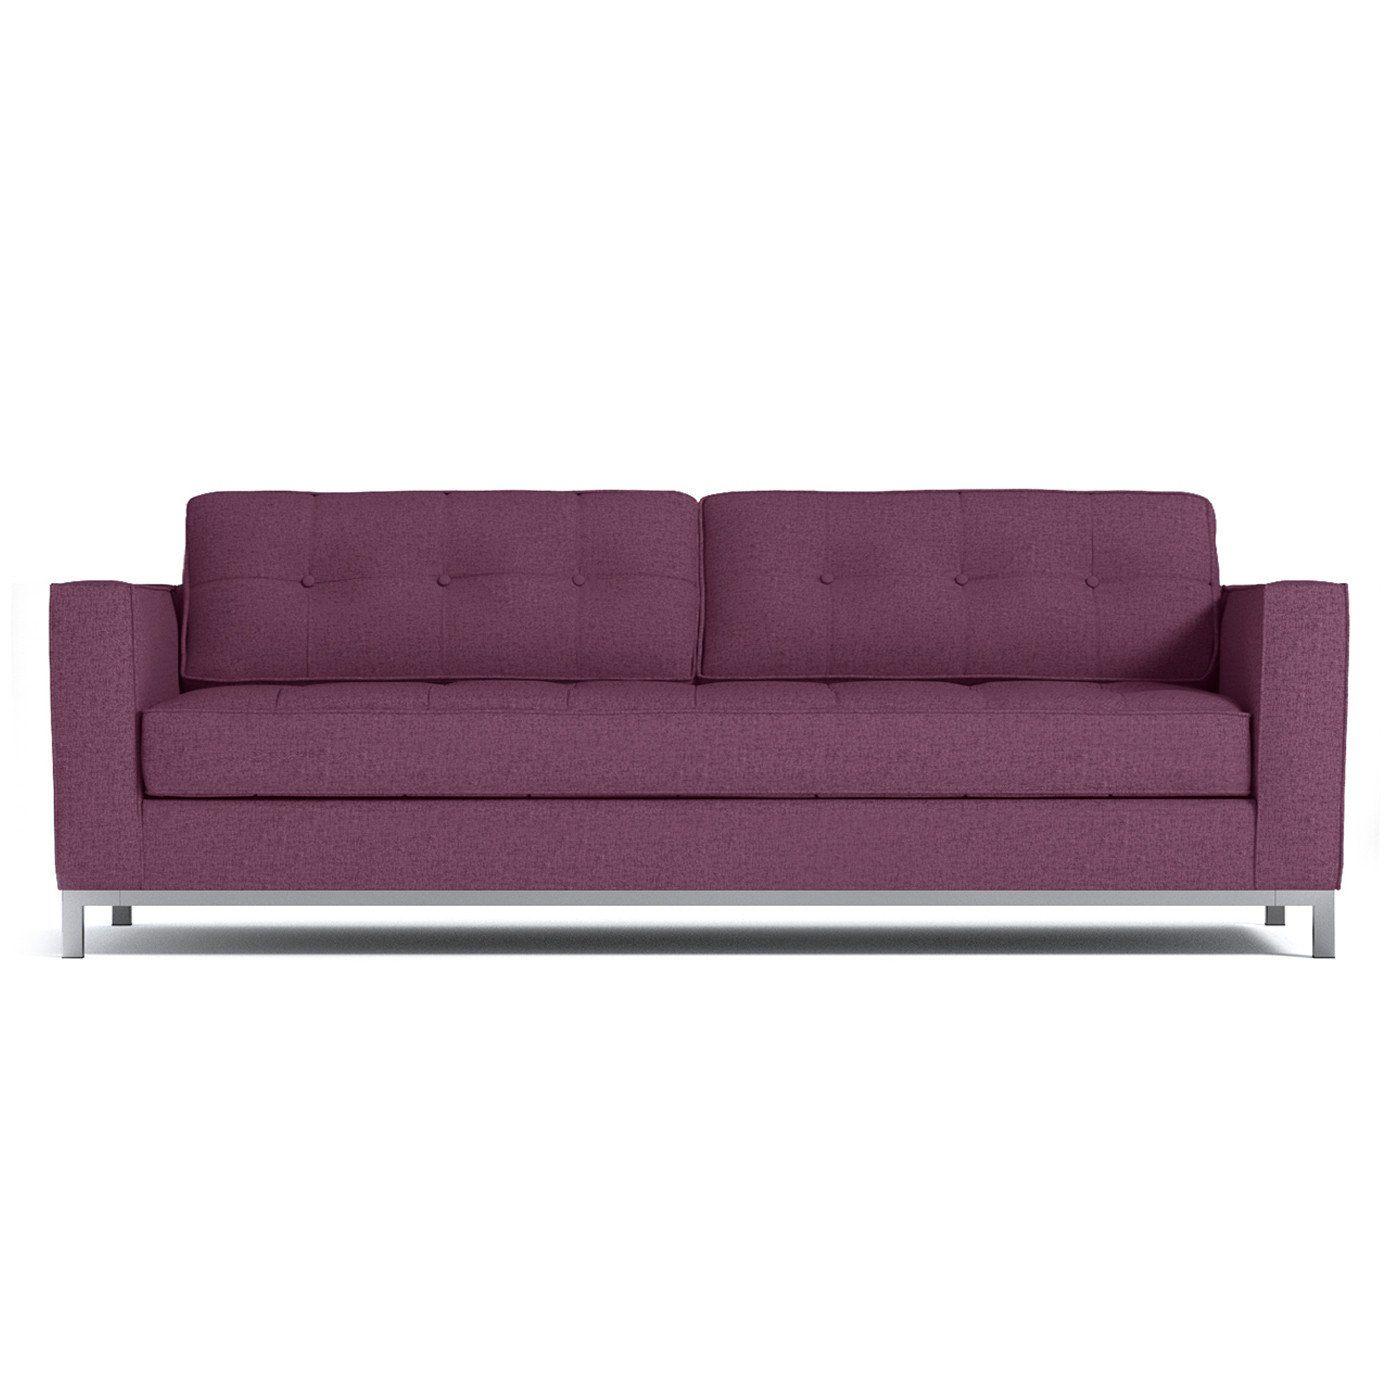 Fillmore Sofa Queen Size Sleeper Sofa Deep Sofa Sleeper Sofa